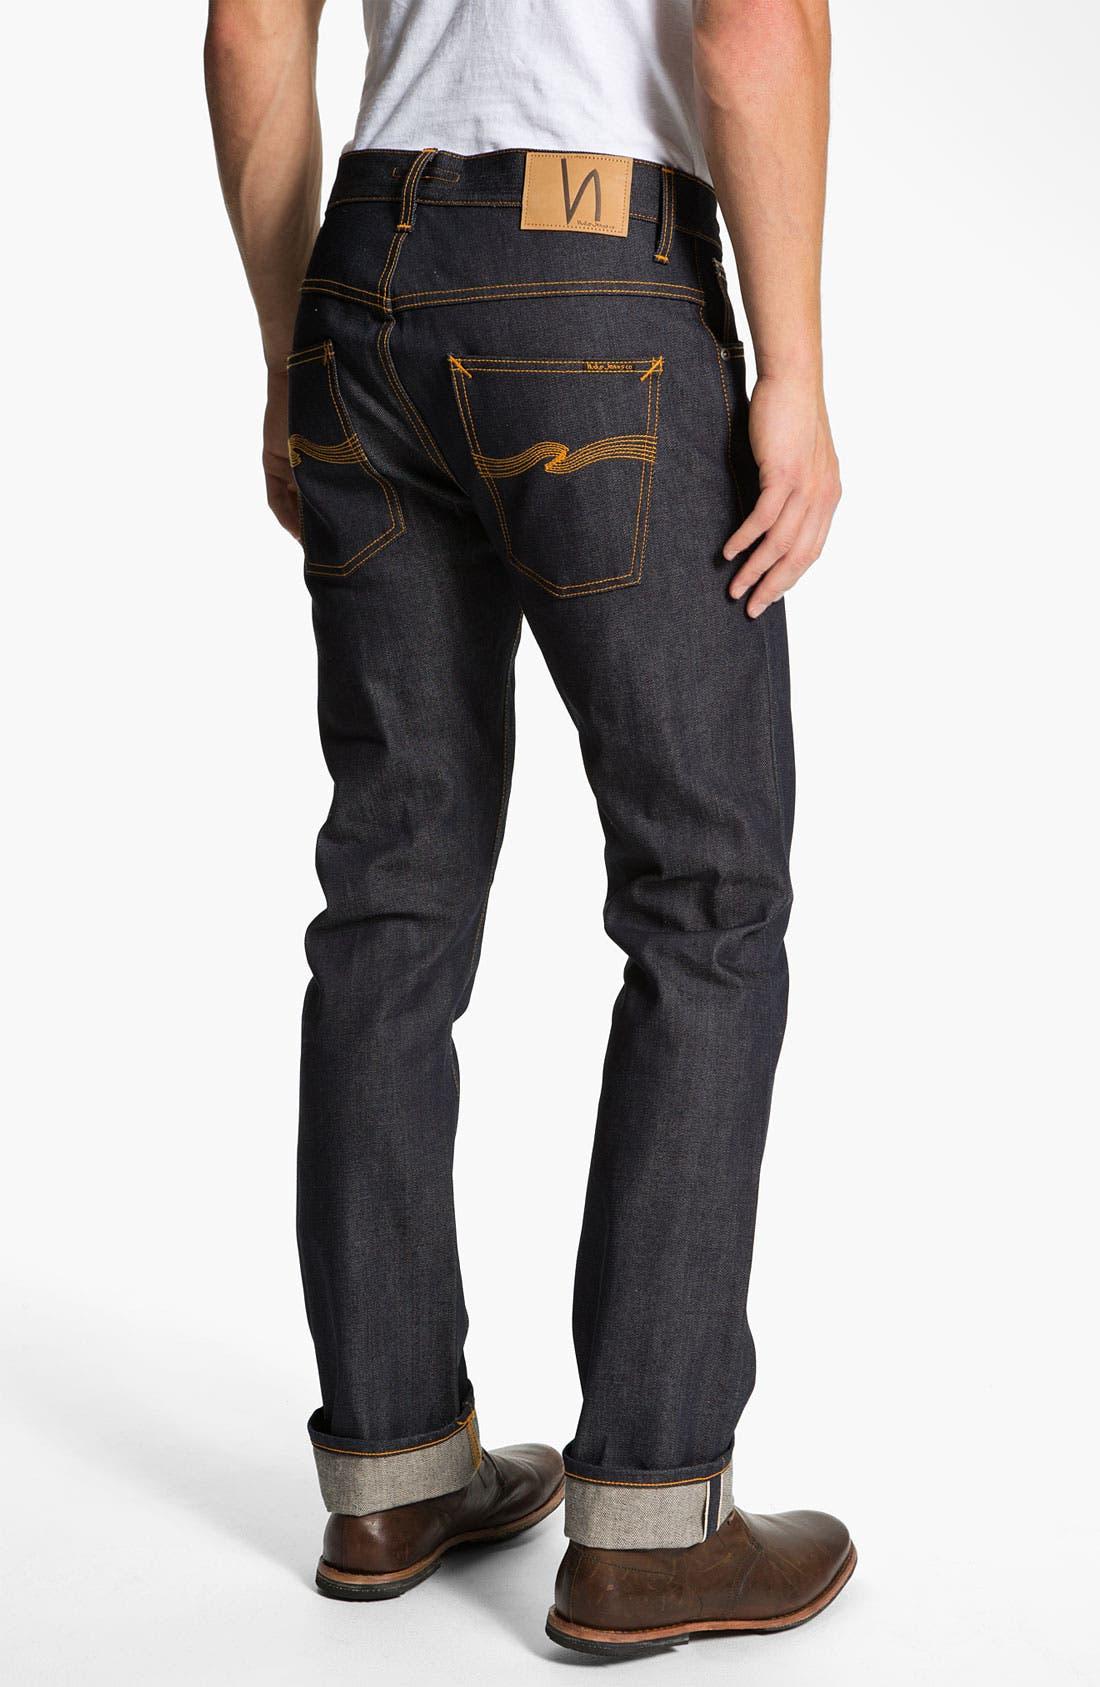 Alternate Image 1 Selected - Nudie 'Hank Rey' Straight Leg Jeans (Dry Selvedge)